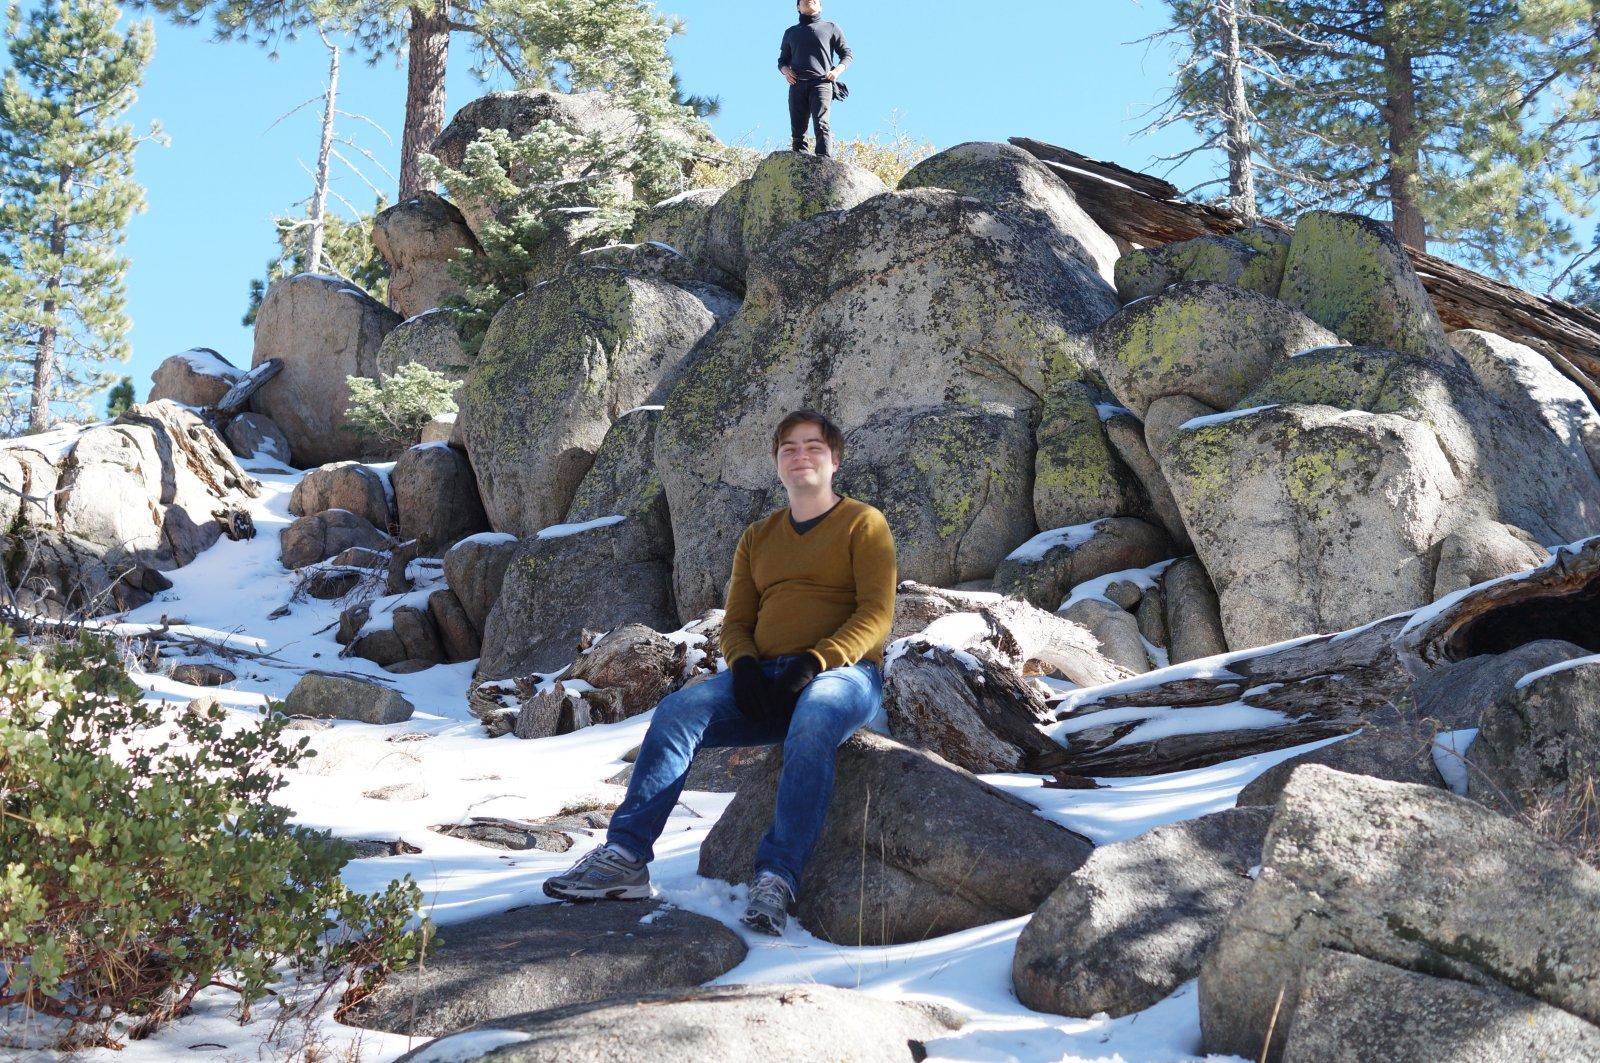 Winter at Big Bear Lake